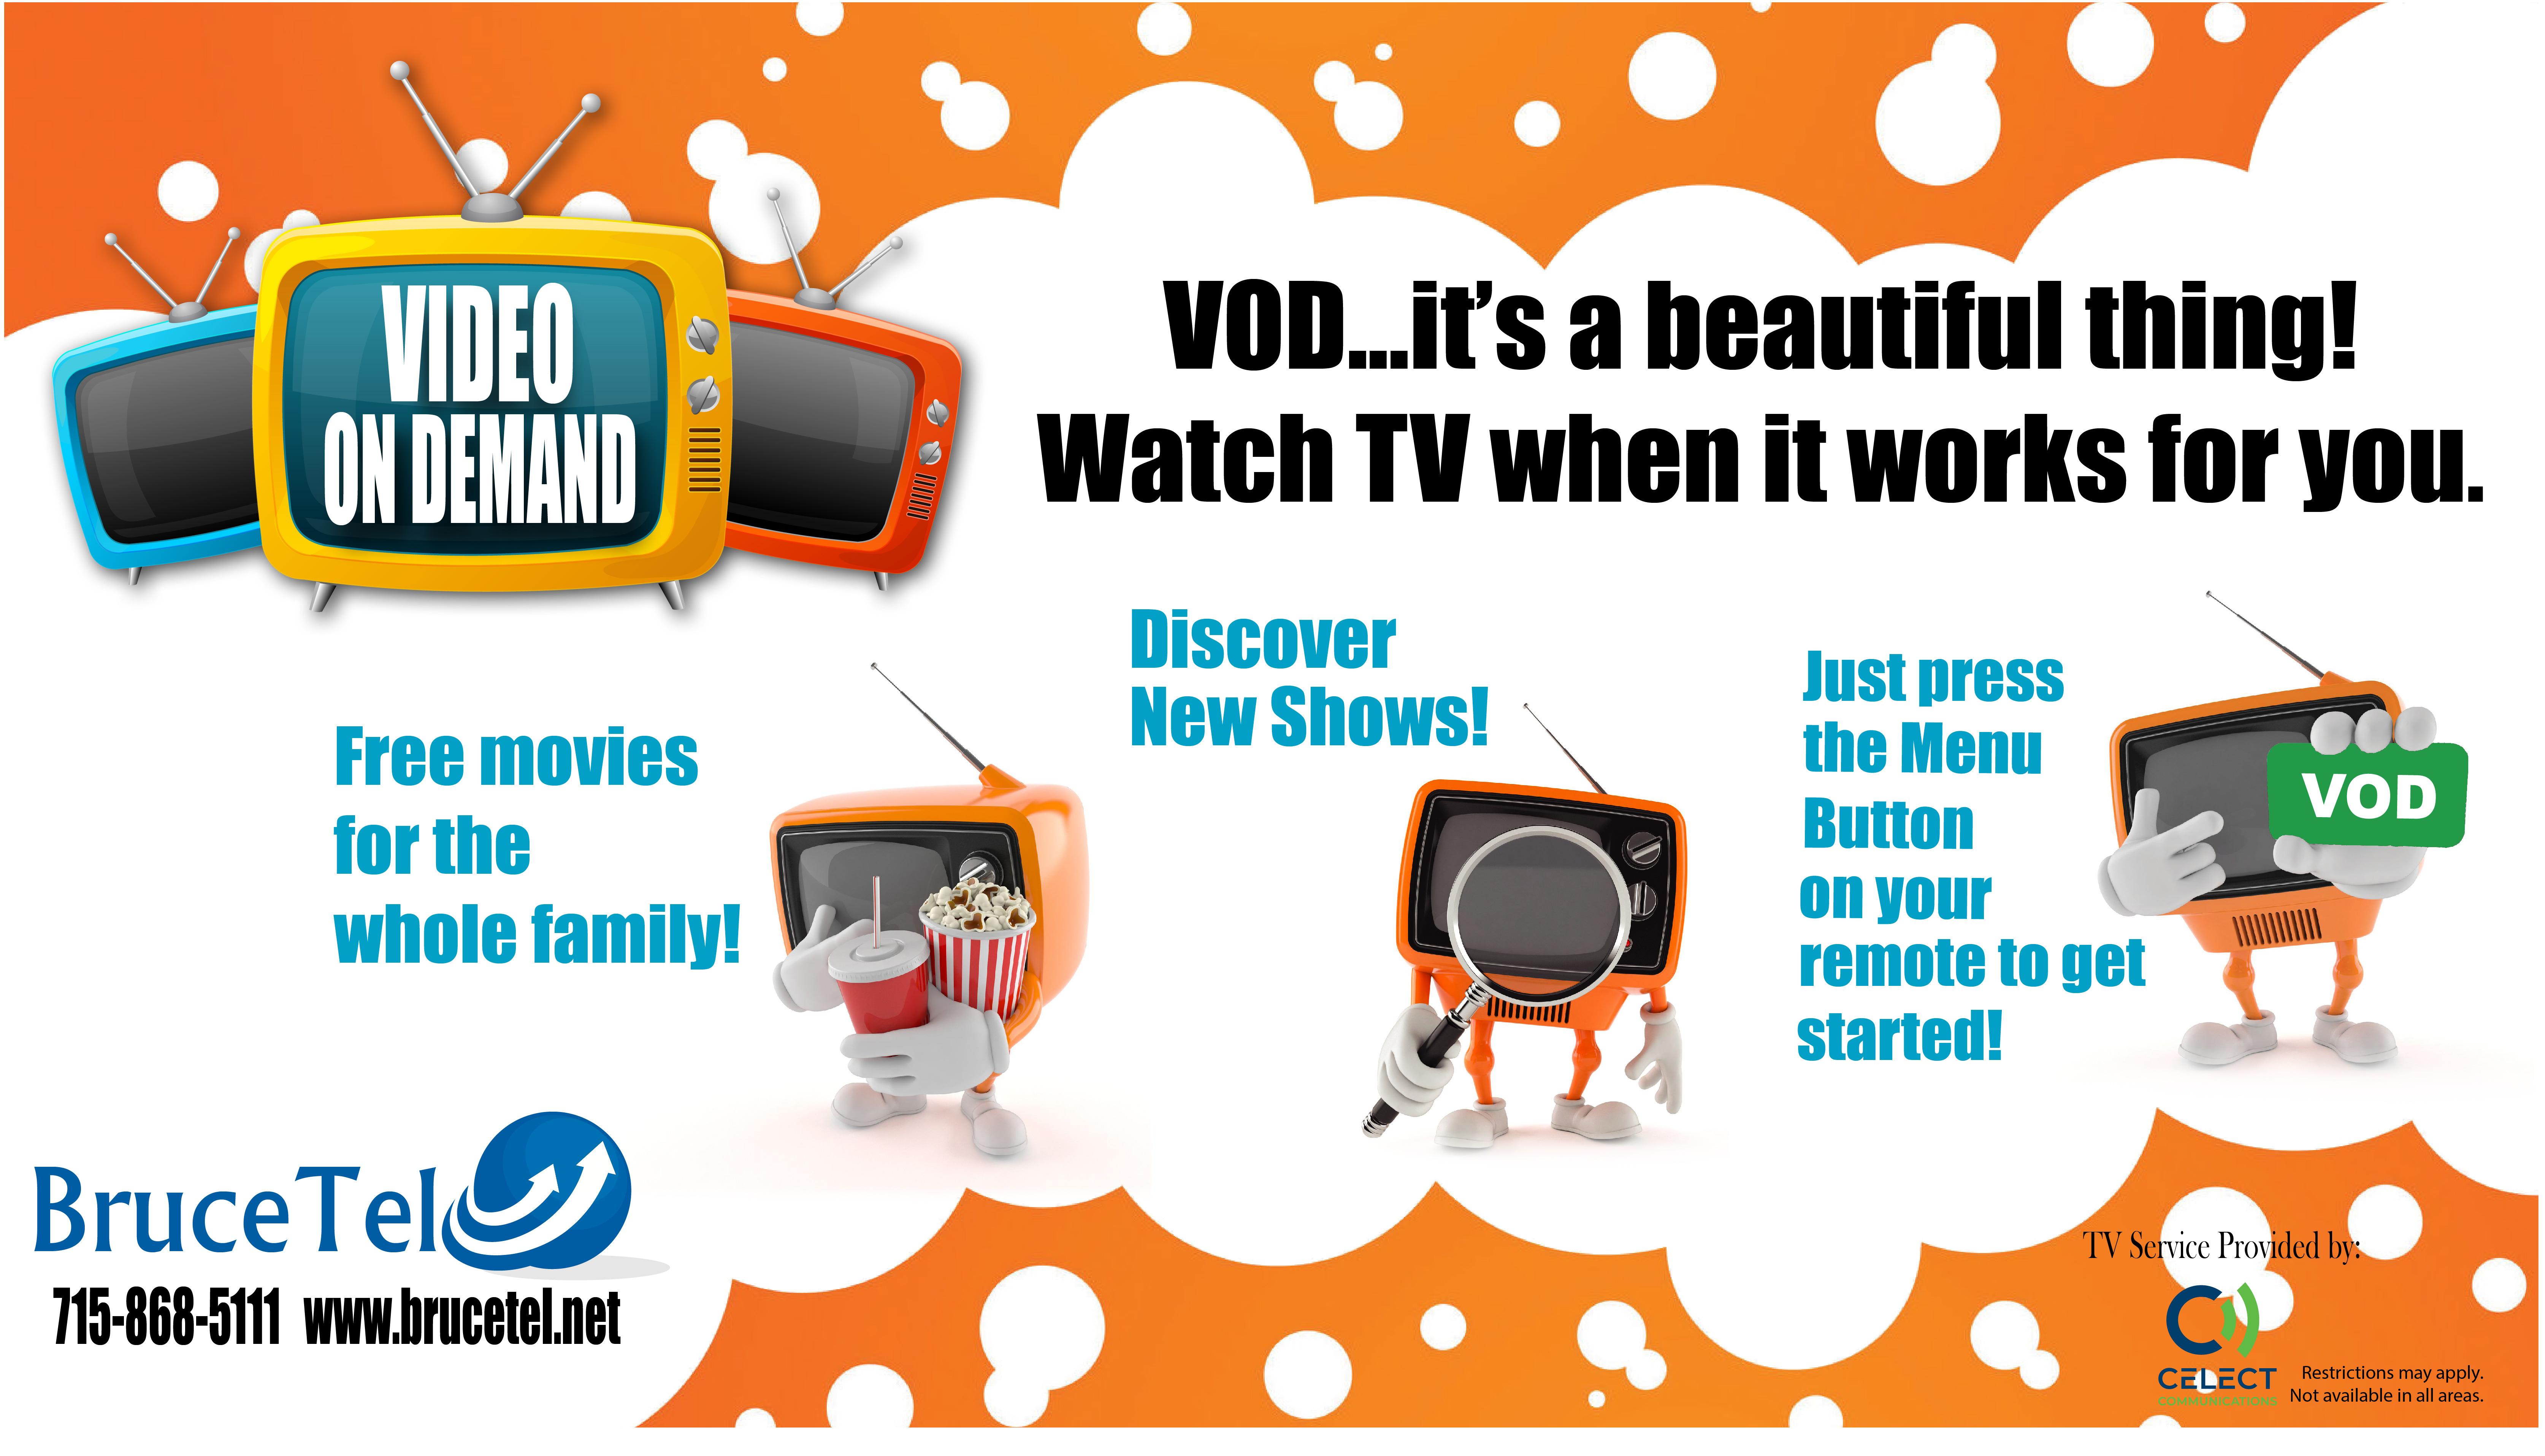 VOD Bruce Tel Ad 3